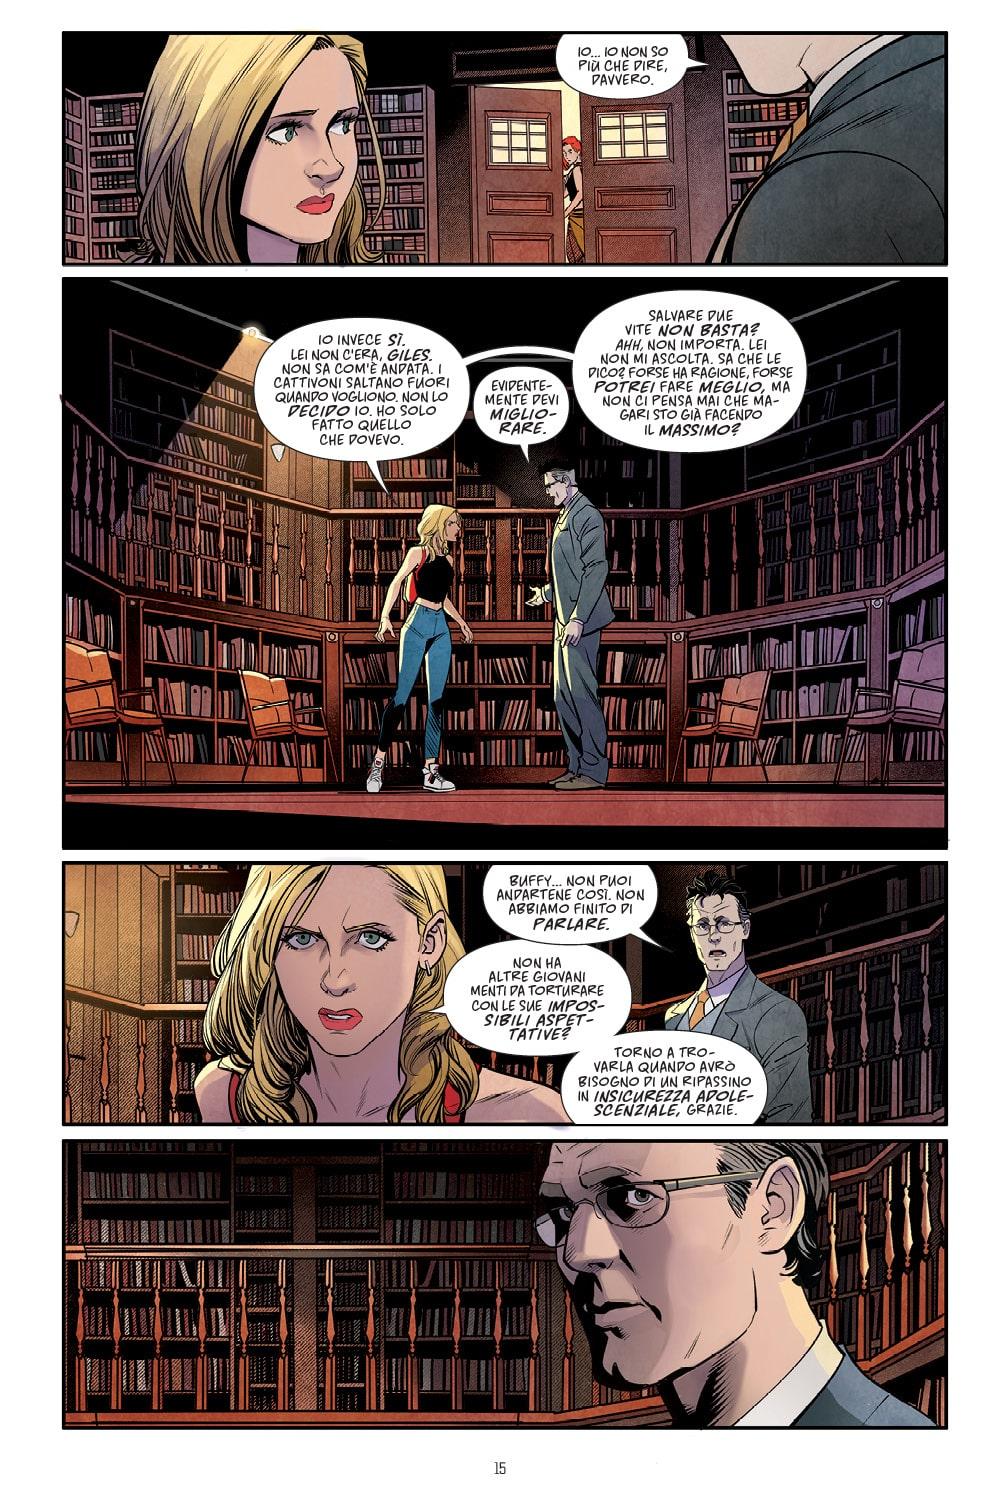 Buffy_Vol1_9